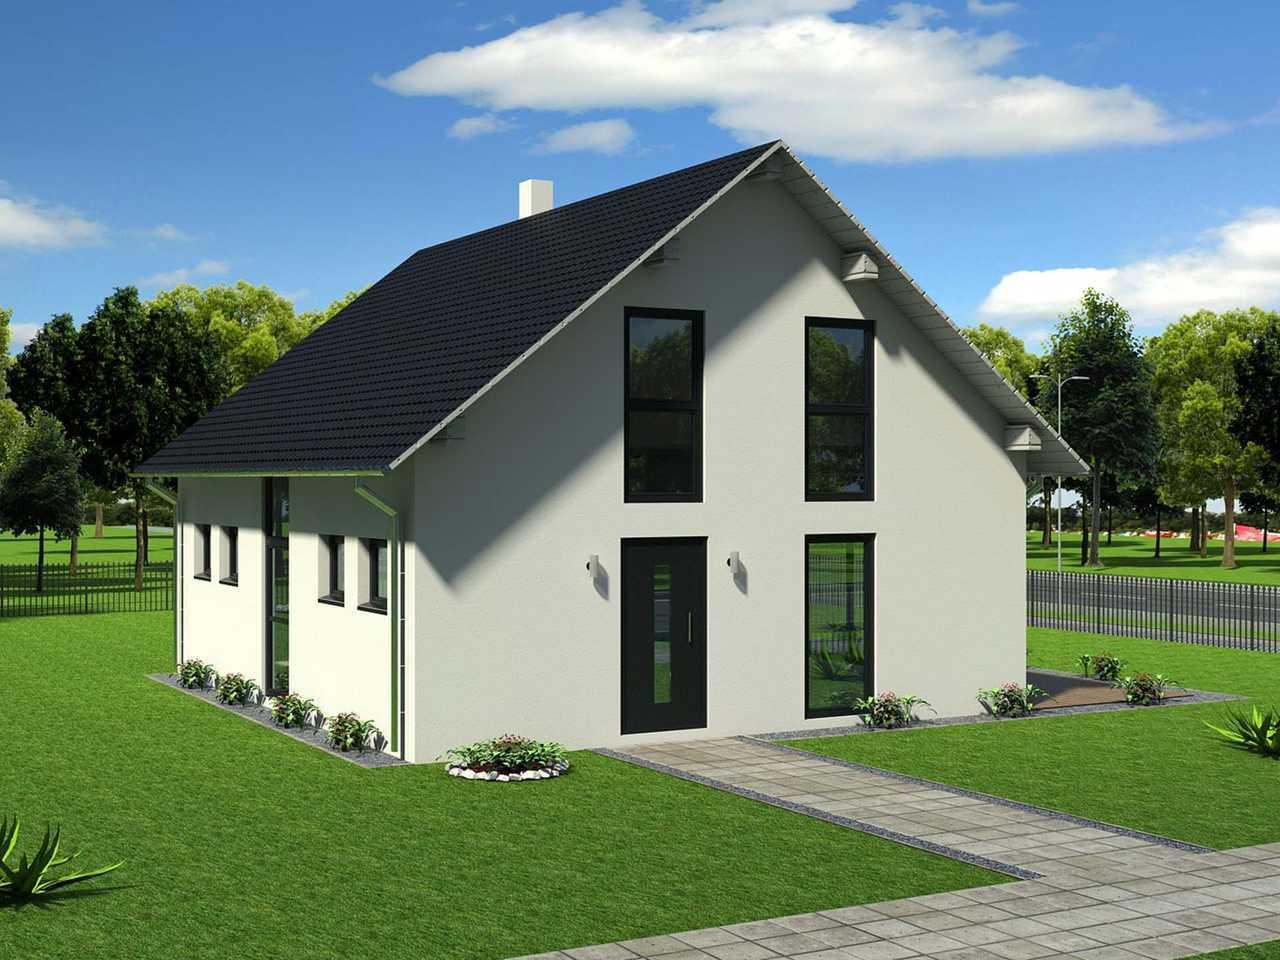 FamilienHaus 203 - Fensterle Bauunternehmen